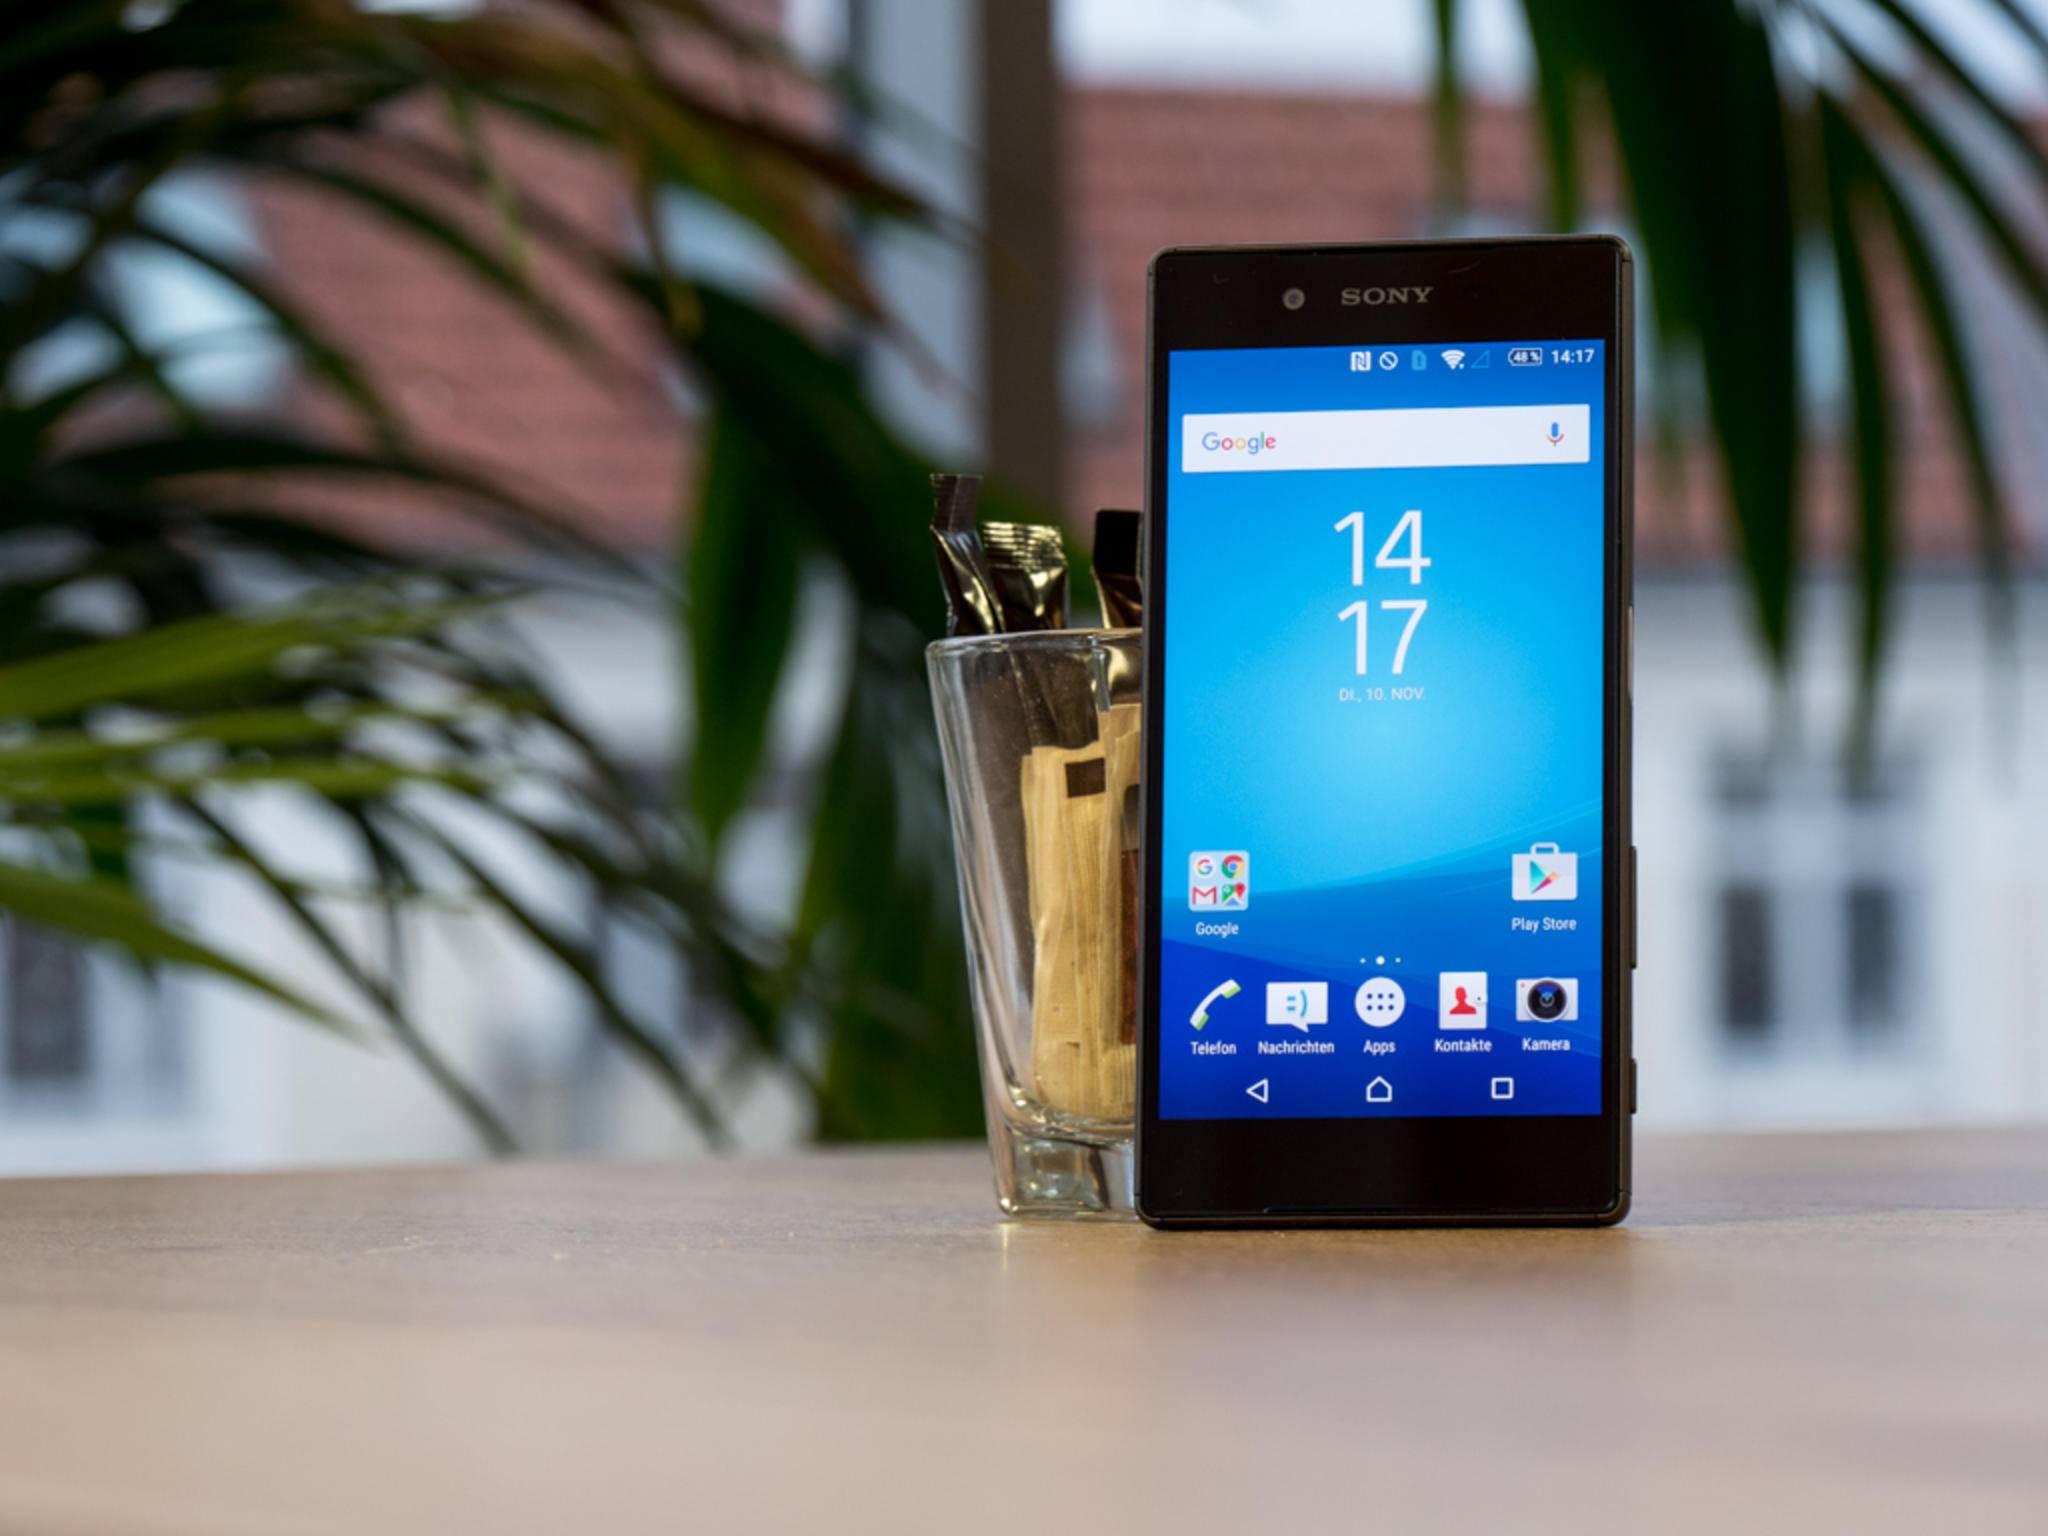 Sony verspricht aber auch, Android 6.0 für das Modell nachzureichen.